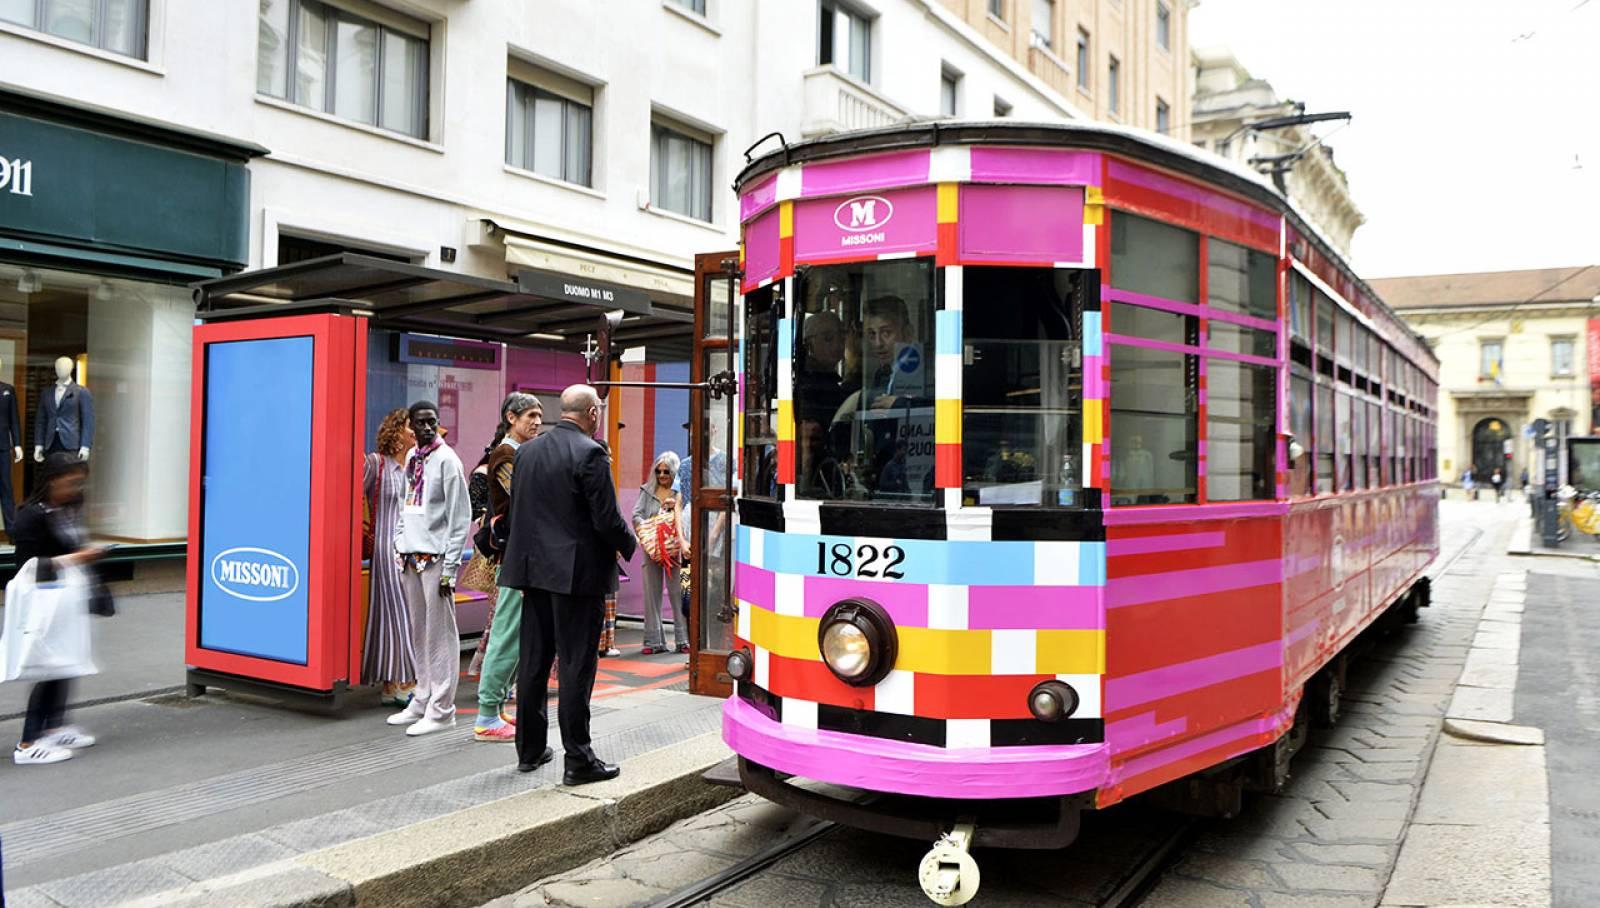 Pubblicità Out of Home IGPDecaux Tram decorato a Milano per M Missoni